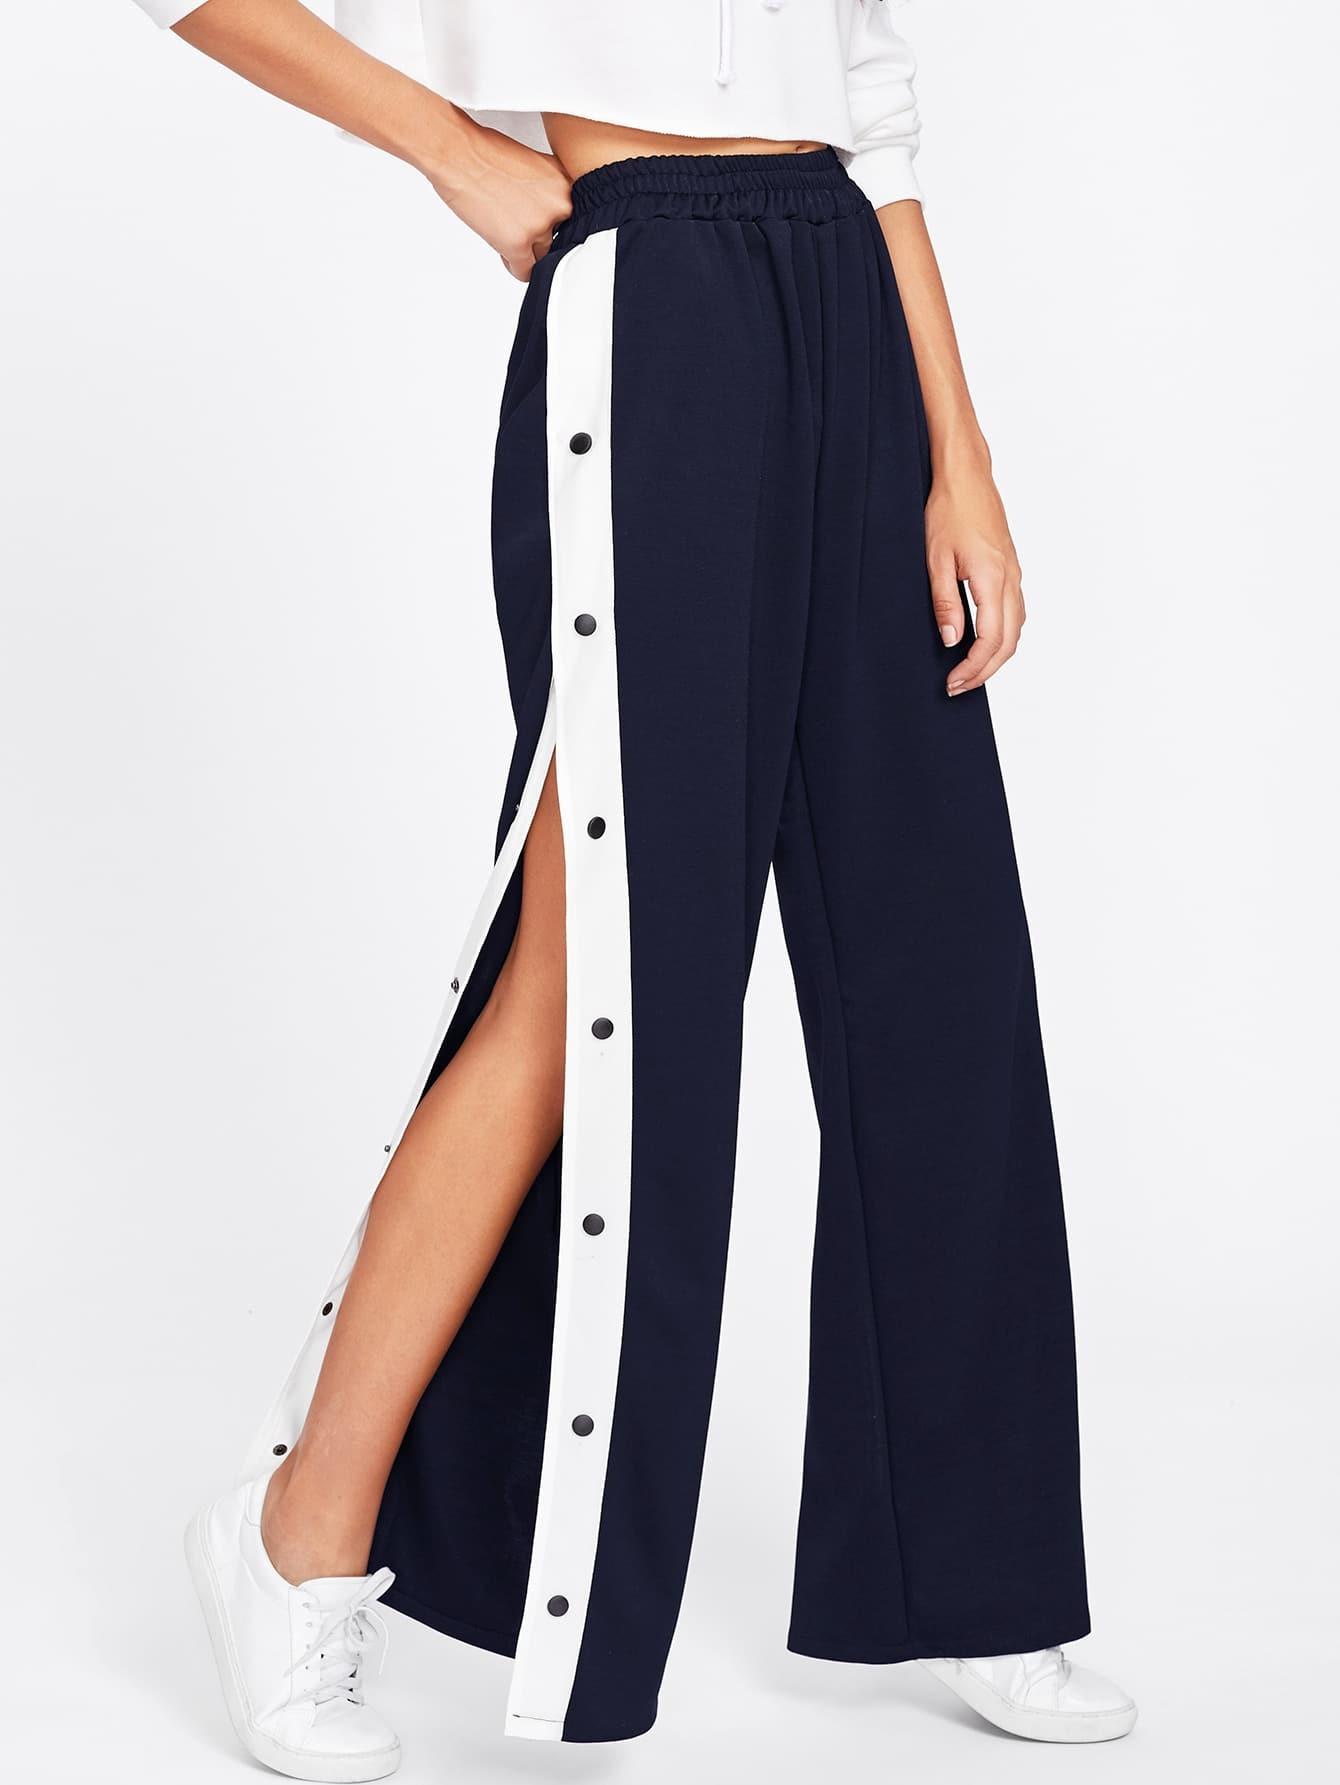 Hosen mit Knöpfe auf den Seiten und weitem Beinschnitt